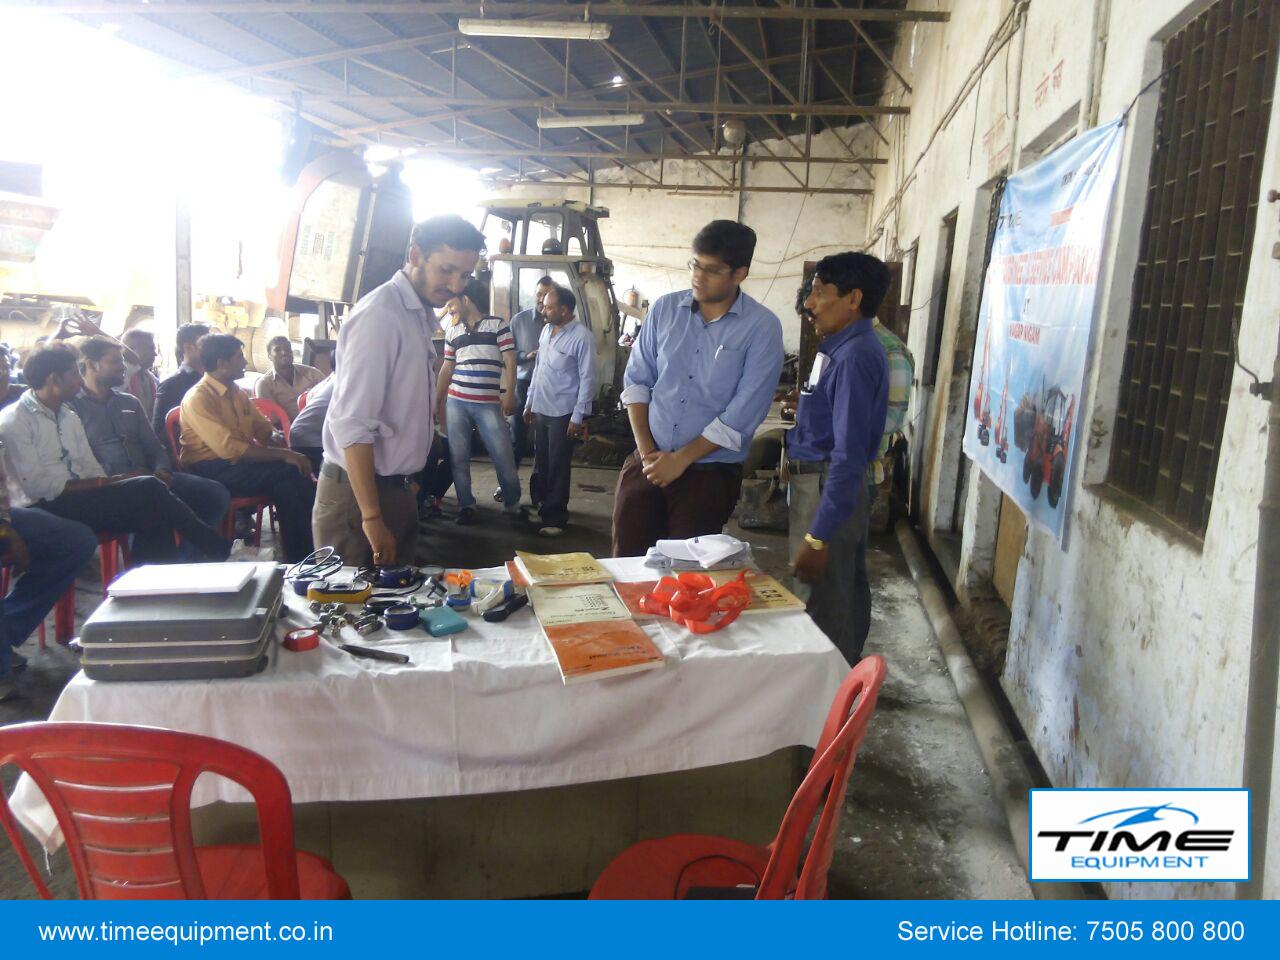 Articles: Media for Time Equipment Pvt Ltd